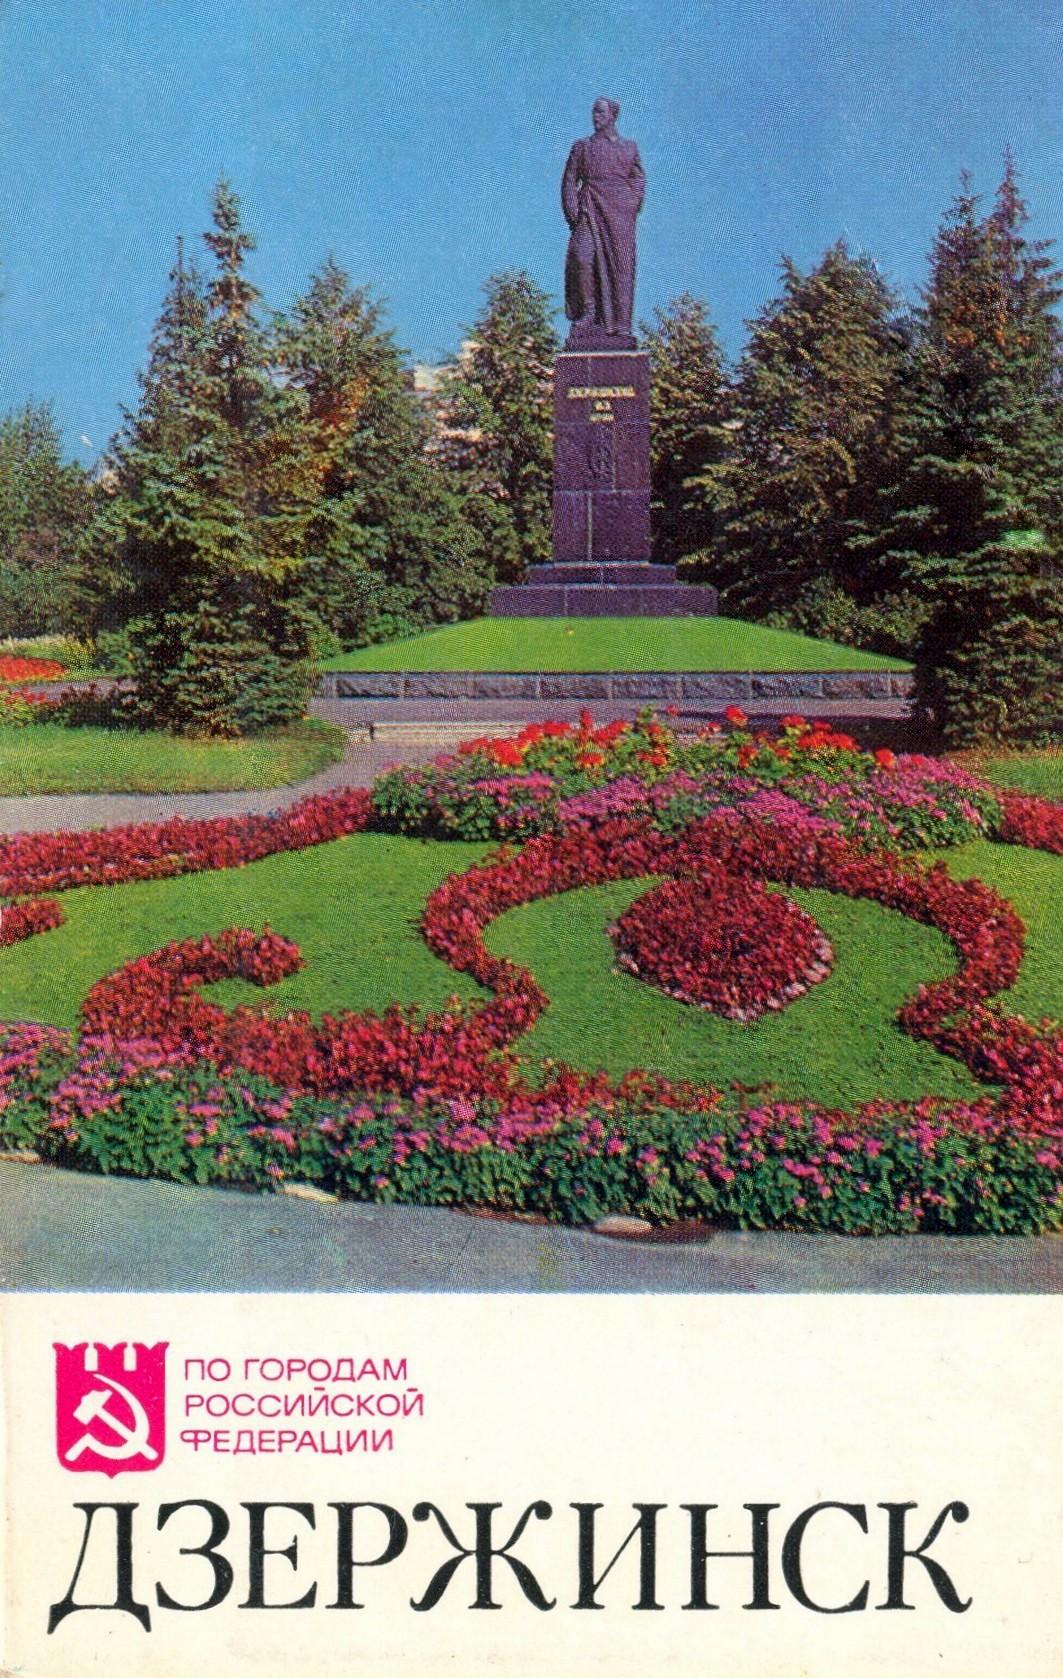 ZAVODFOTO / История городов России в фотографиях: Дзержинск в 1975 году